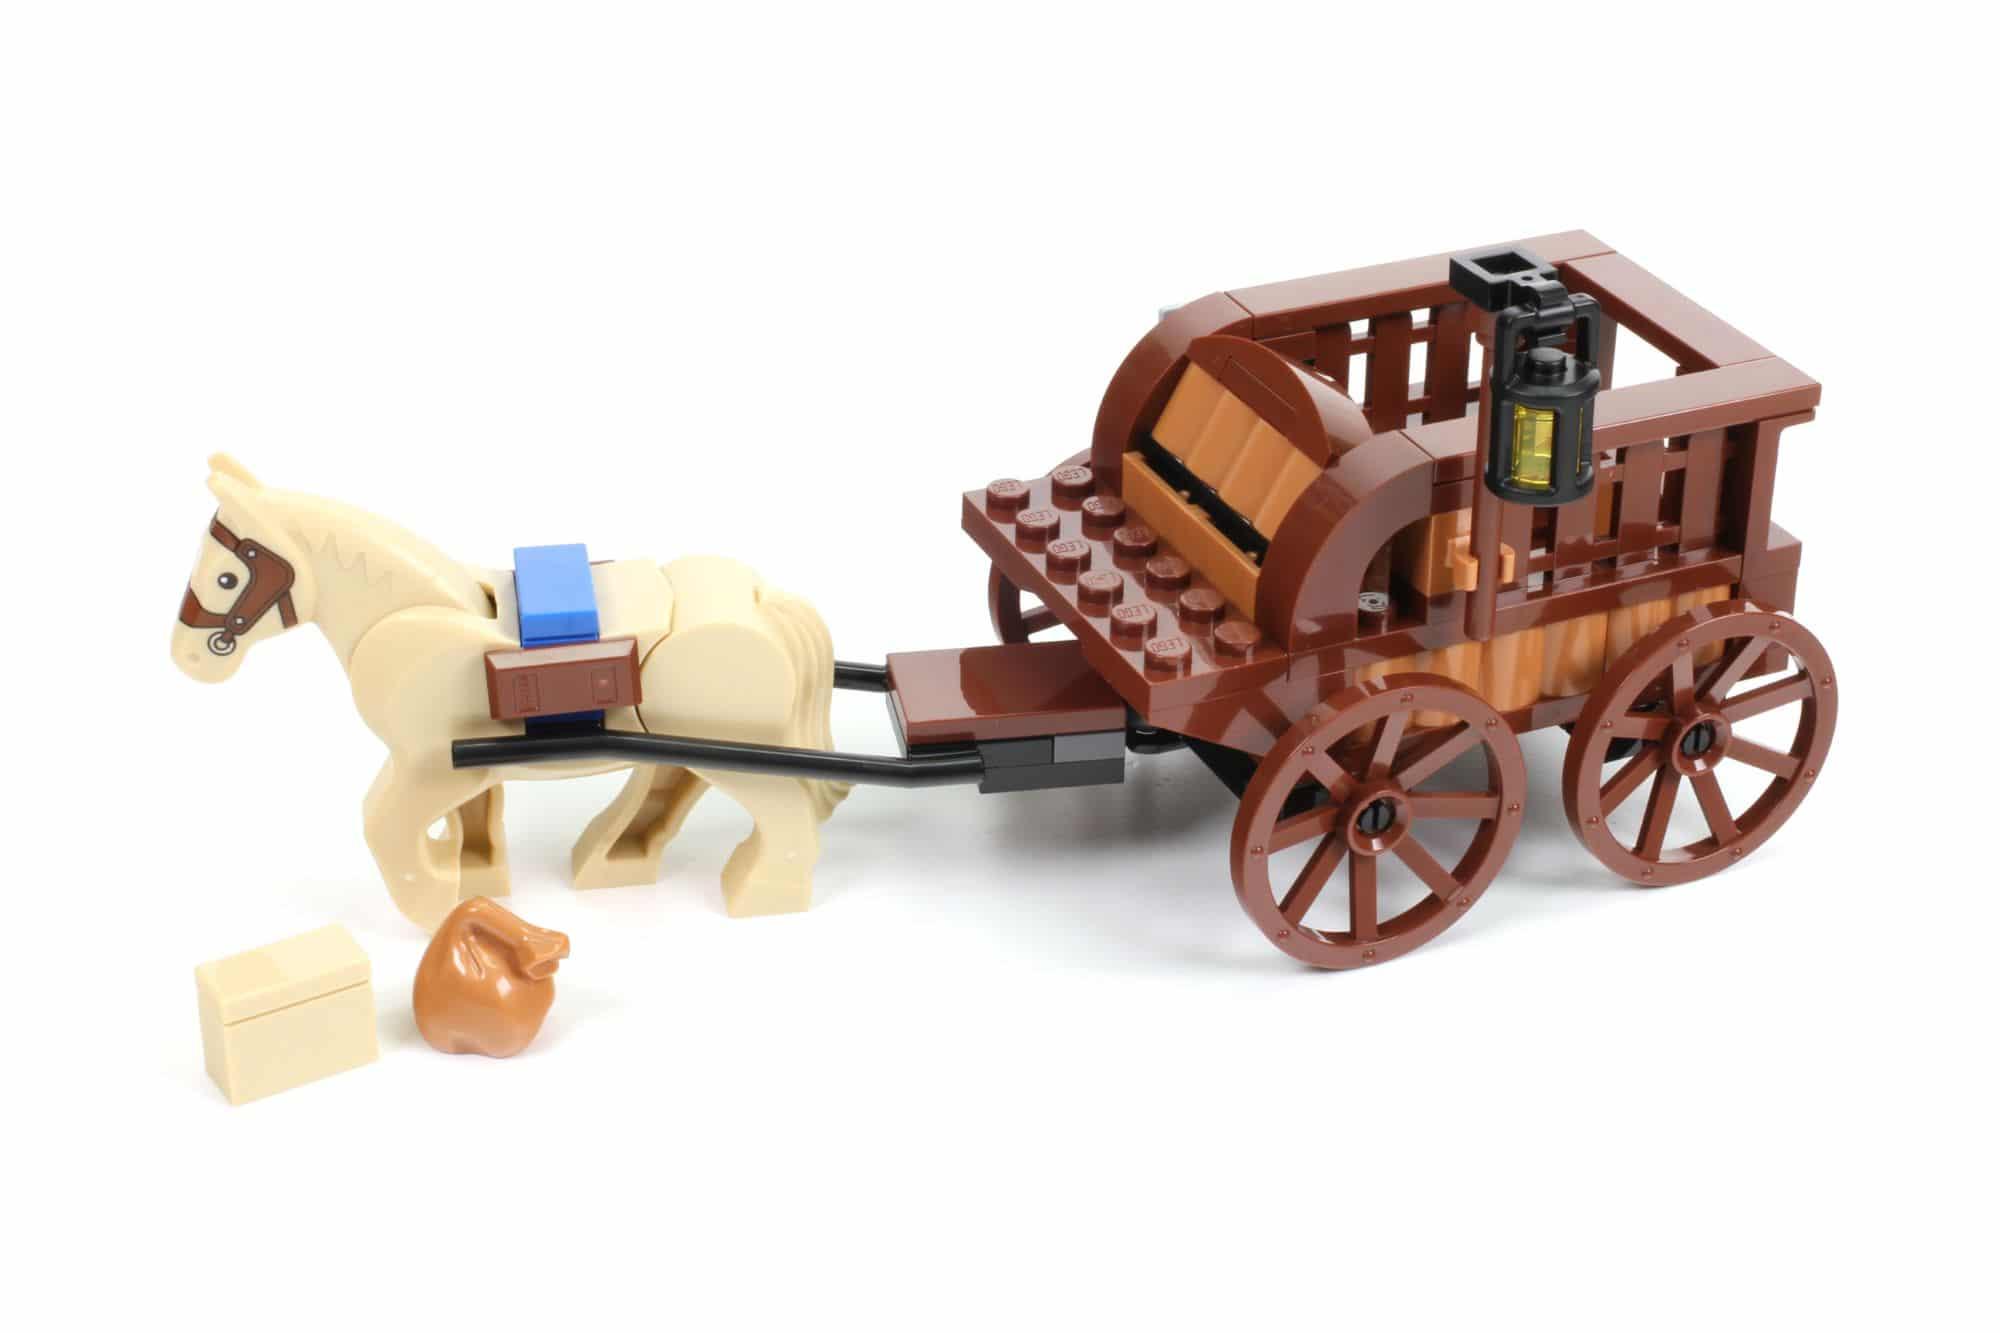 LEGO Ideas 21325 Mittelalterliche Schmiede Bauabschnitt 14 1